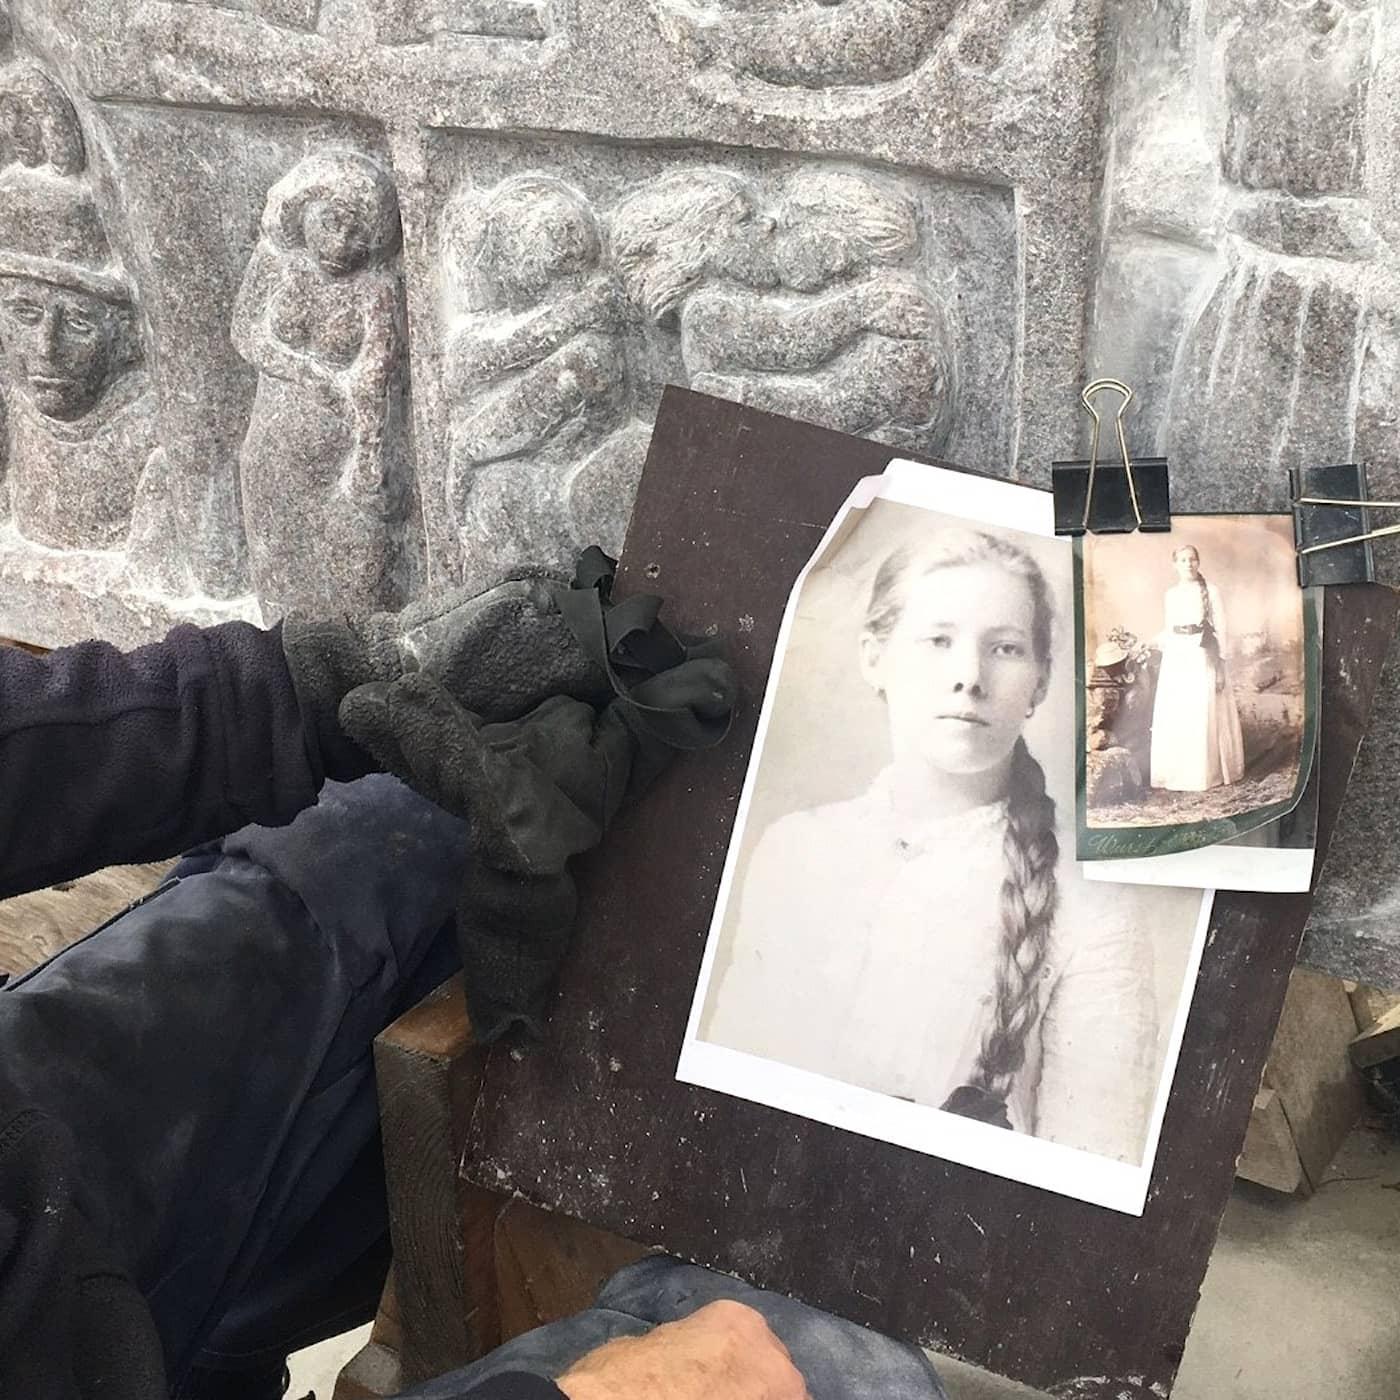 Första kvinnliga arbetarförfattaren Maria Sandel förevigad i sten